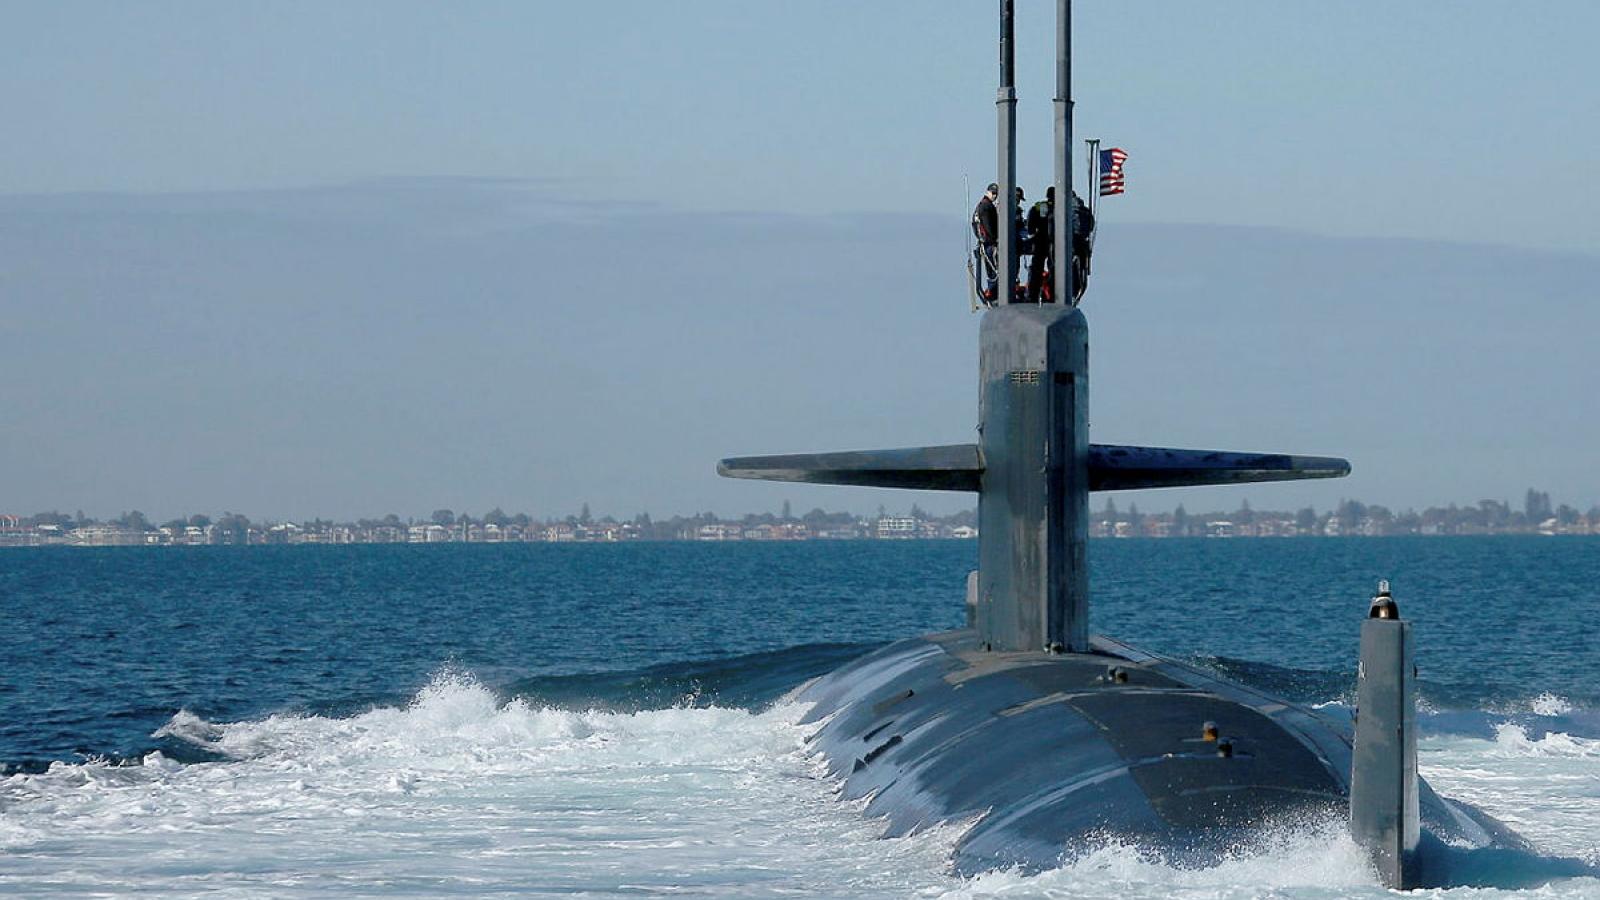 Tàu ngầm chạy bằng năng lượng hạt nhân của Australia sẽ được đóng tại Mỹ?